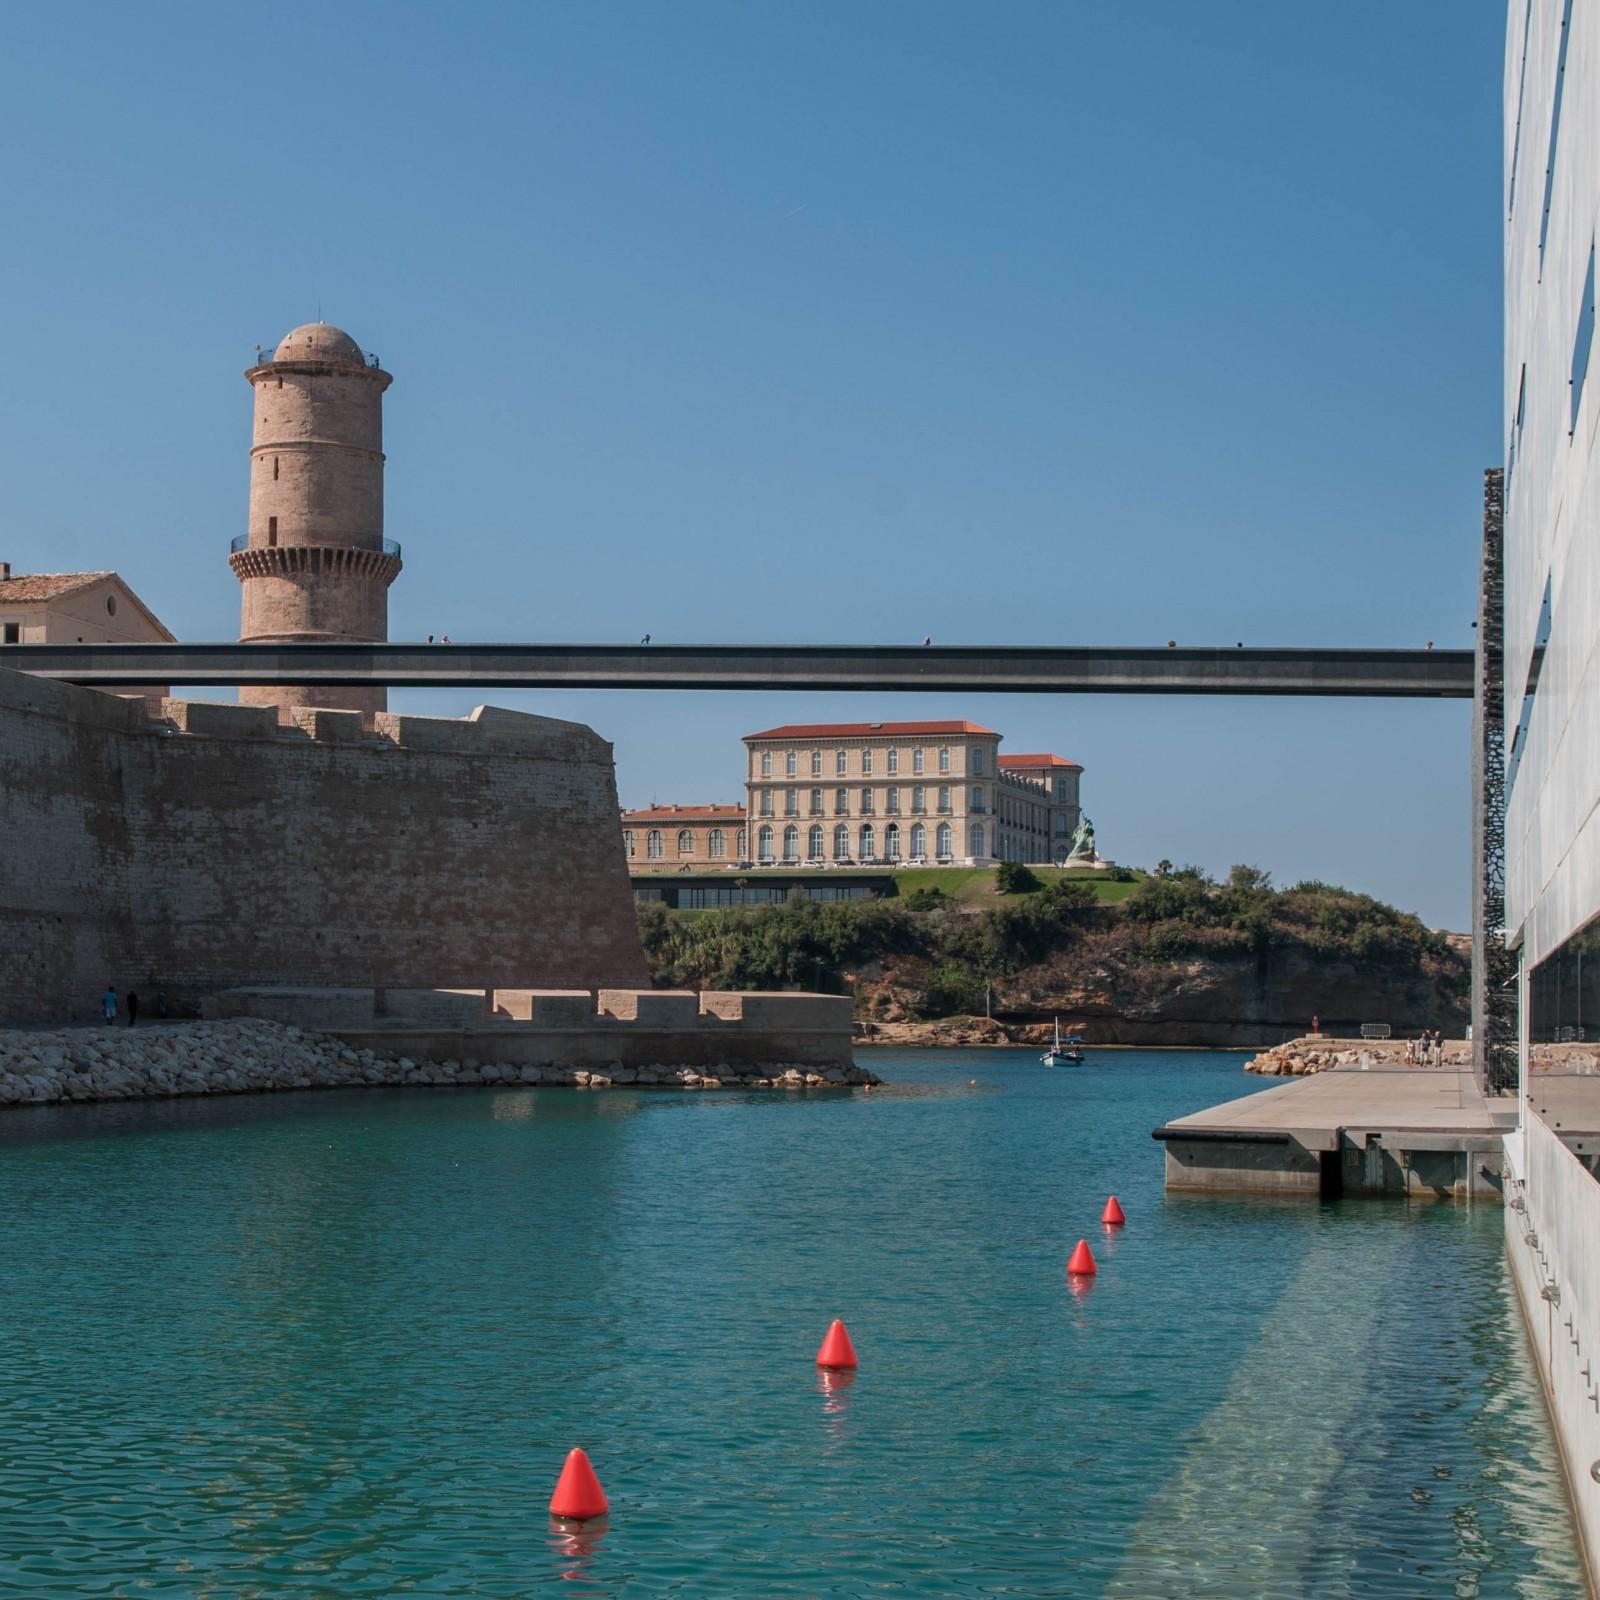 Dans le port de Marseille, passerelle qui franchit la darse  et relie le MUSEM au vieux fort Saint-Jean réhabilité ; oeuvre des architectes Rudy Ricciotti et Roland Carta. © Ph. Cieren